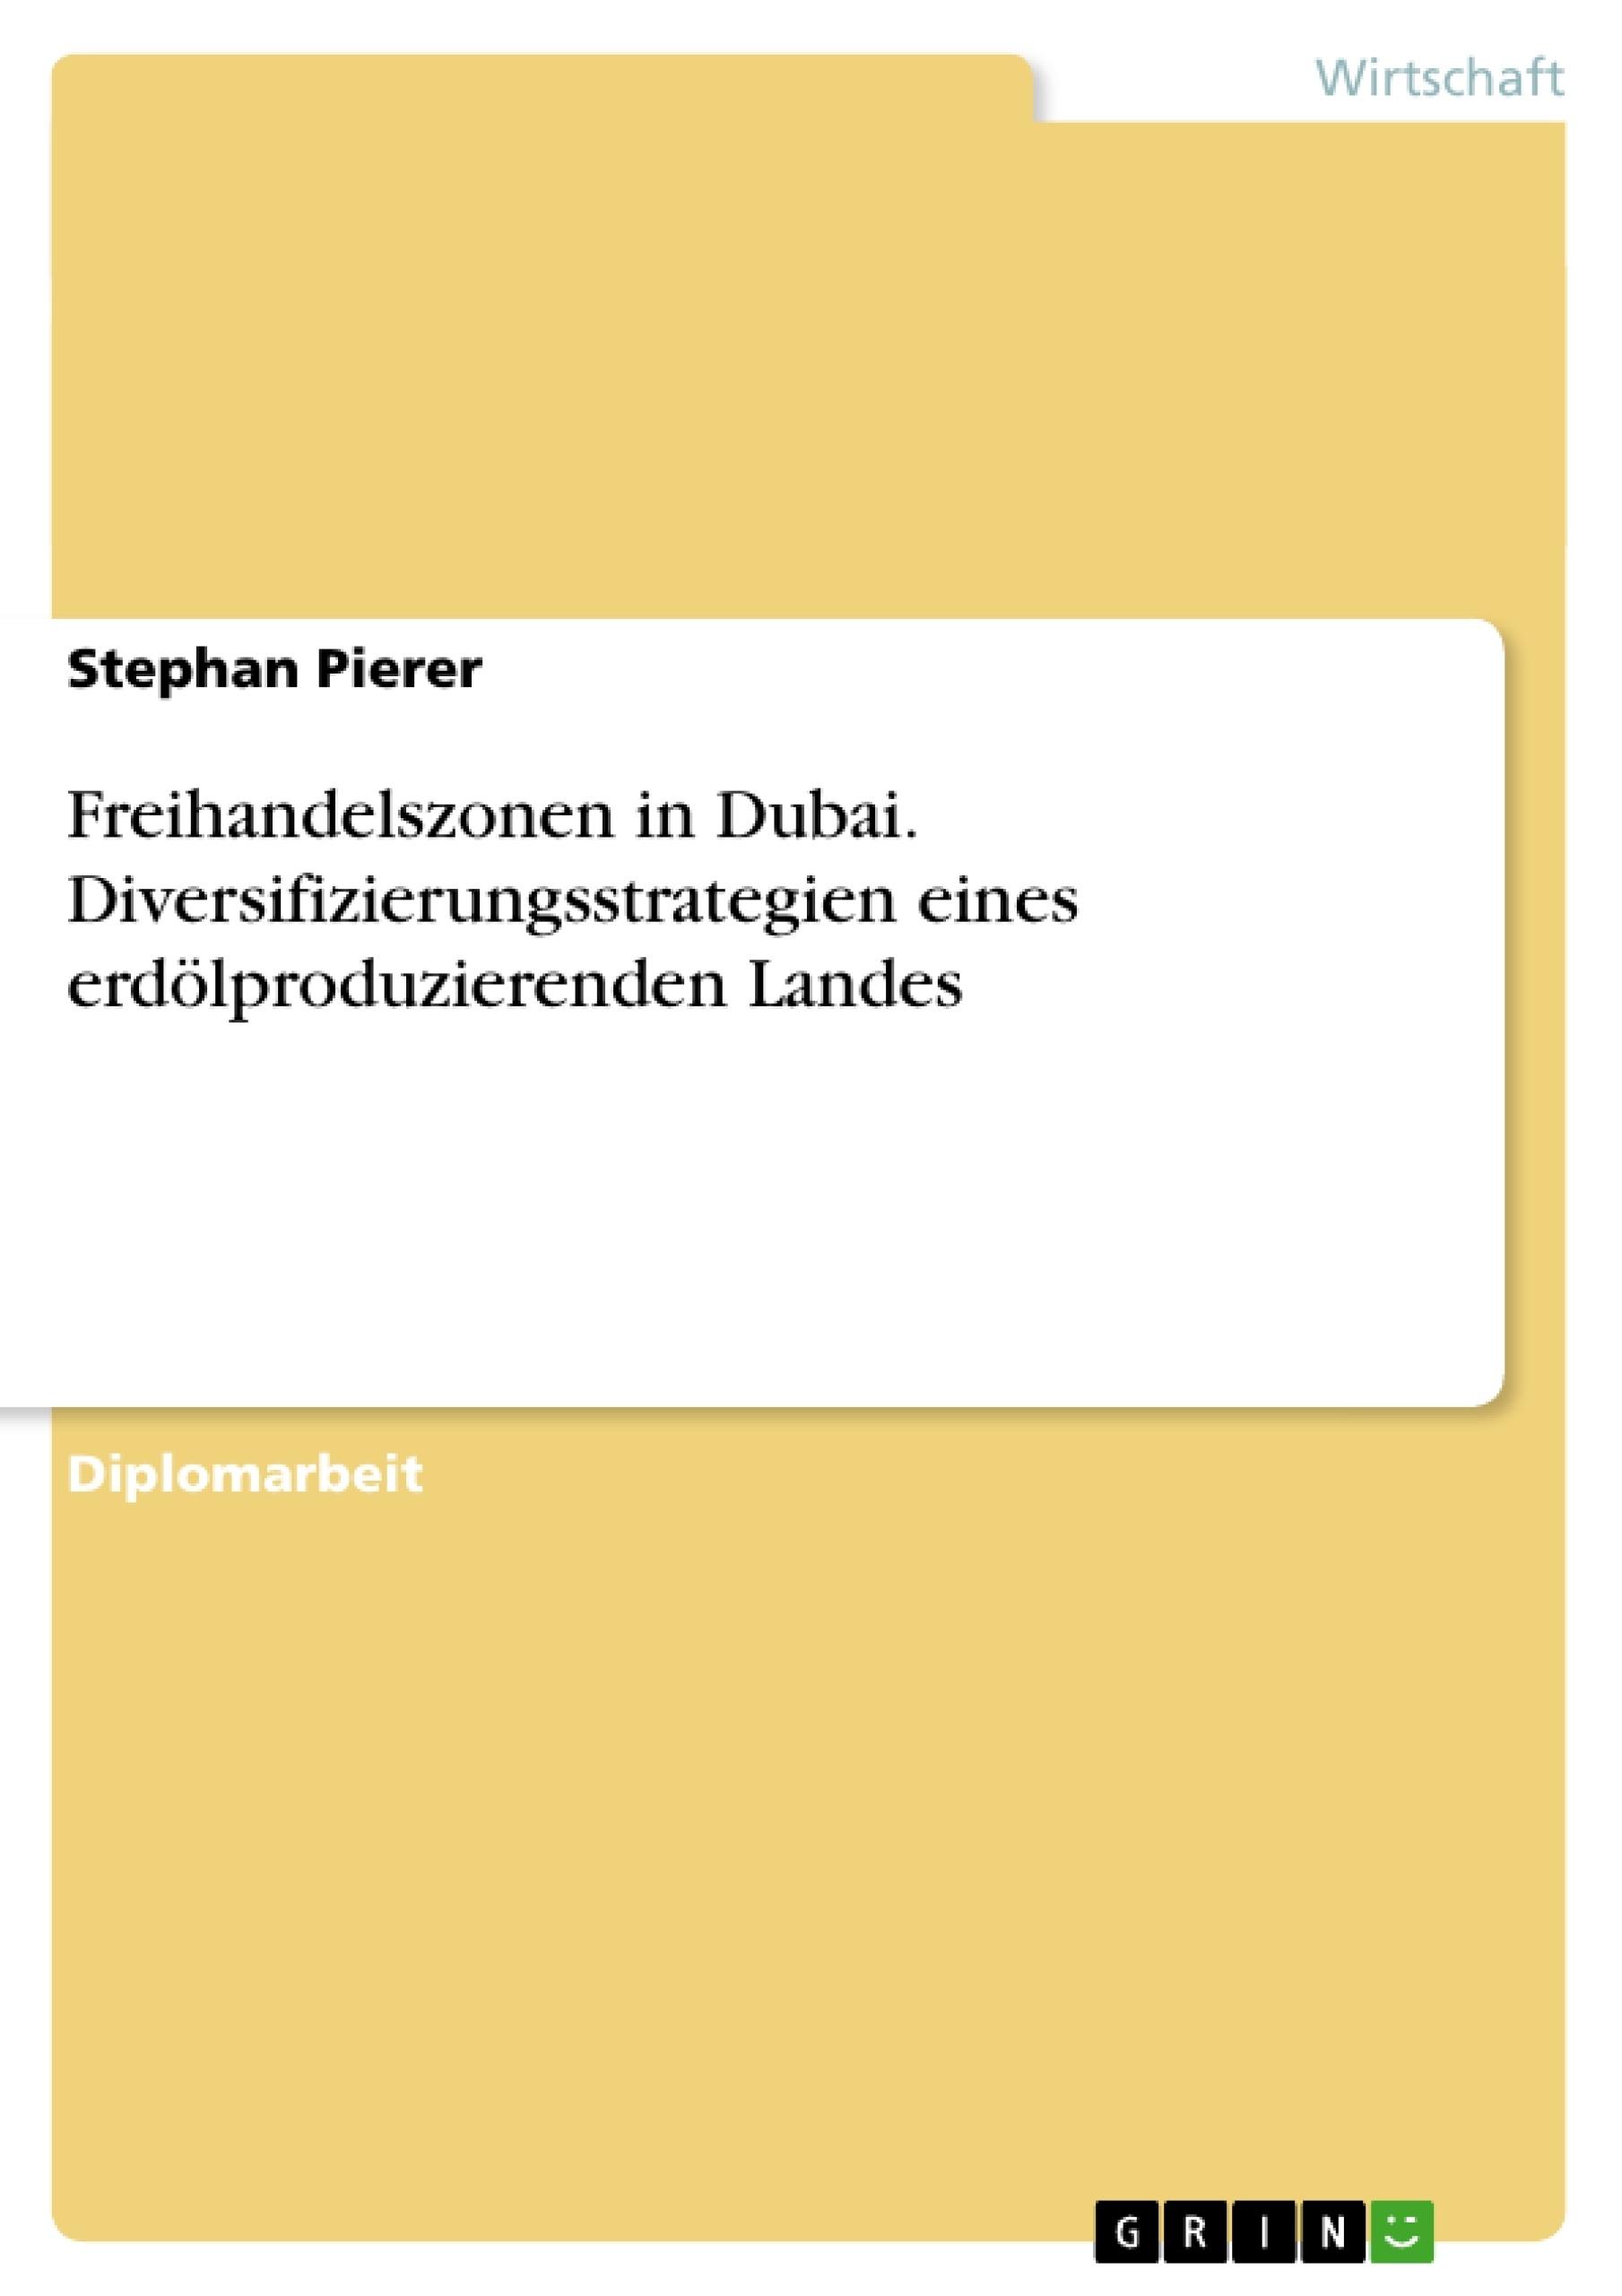 Titel: Freihandelszonen in Dubai. Diversifizierungsstrategien eines erdölproduzierenden Landes